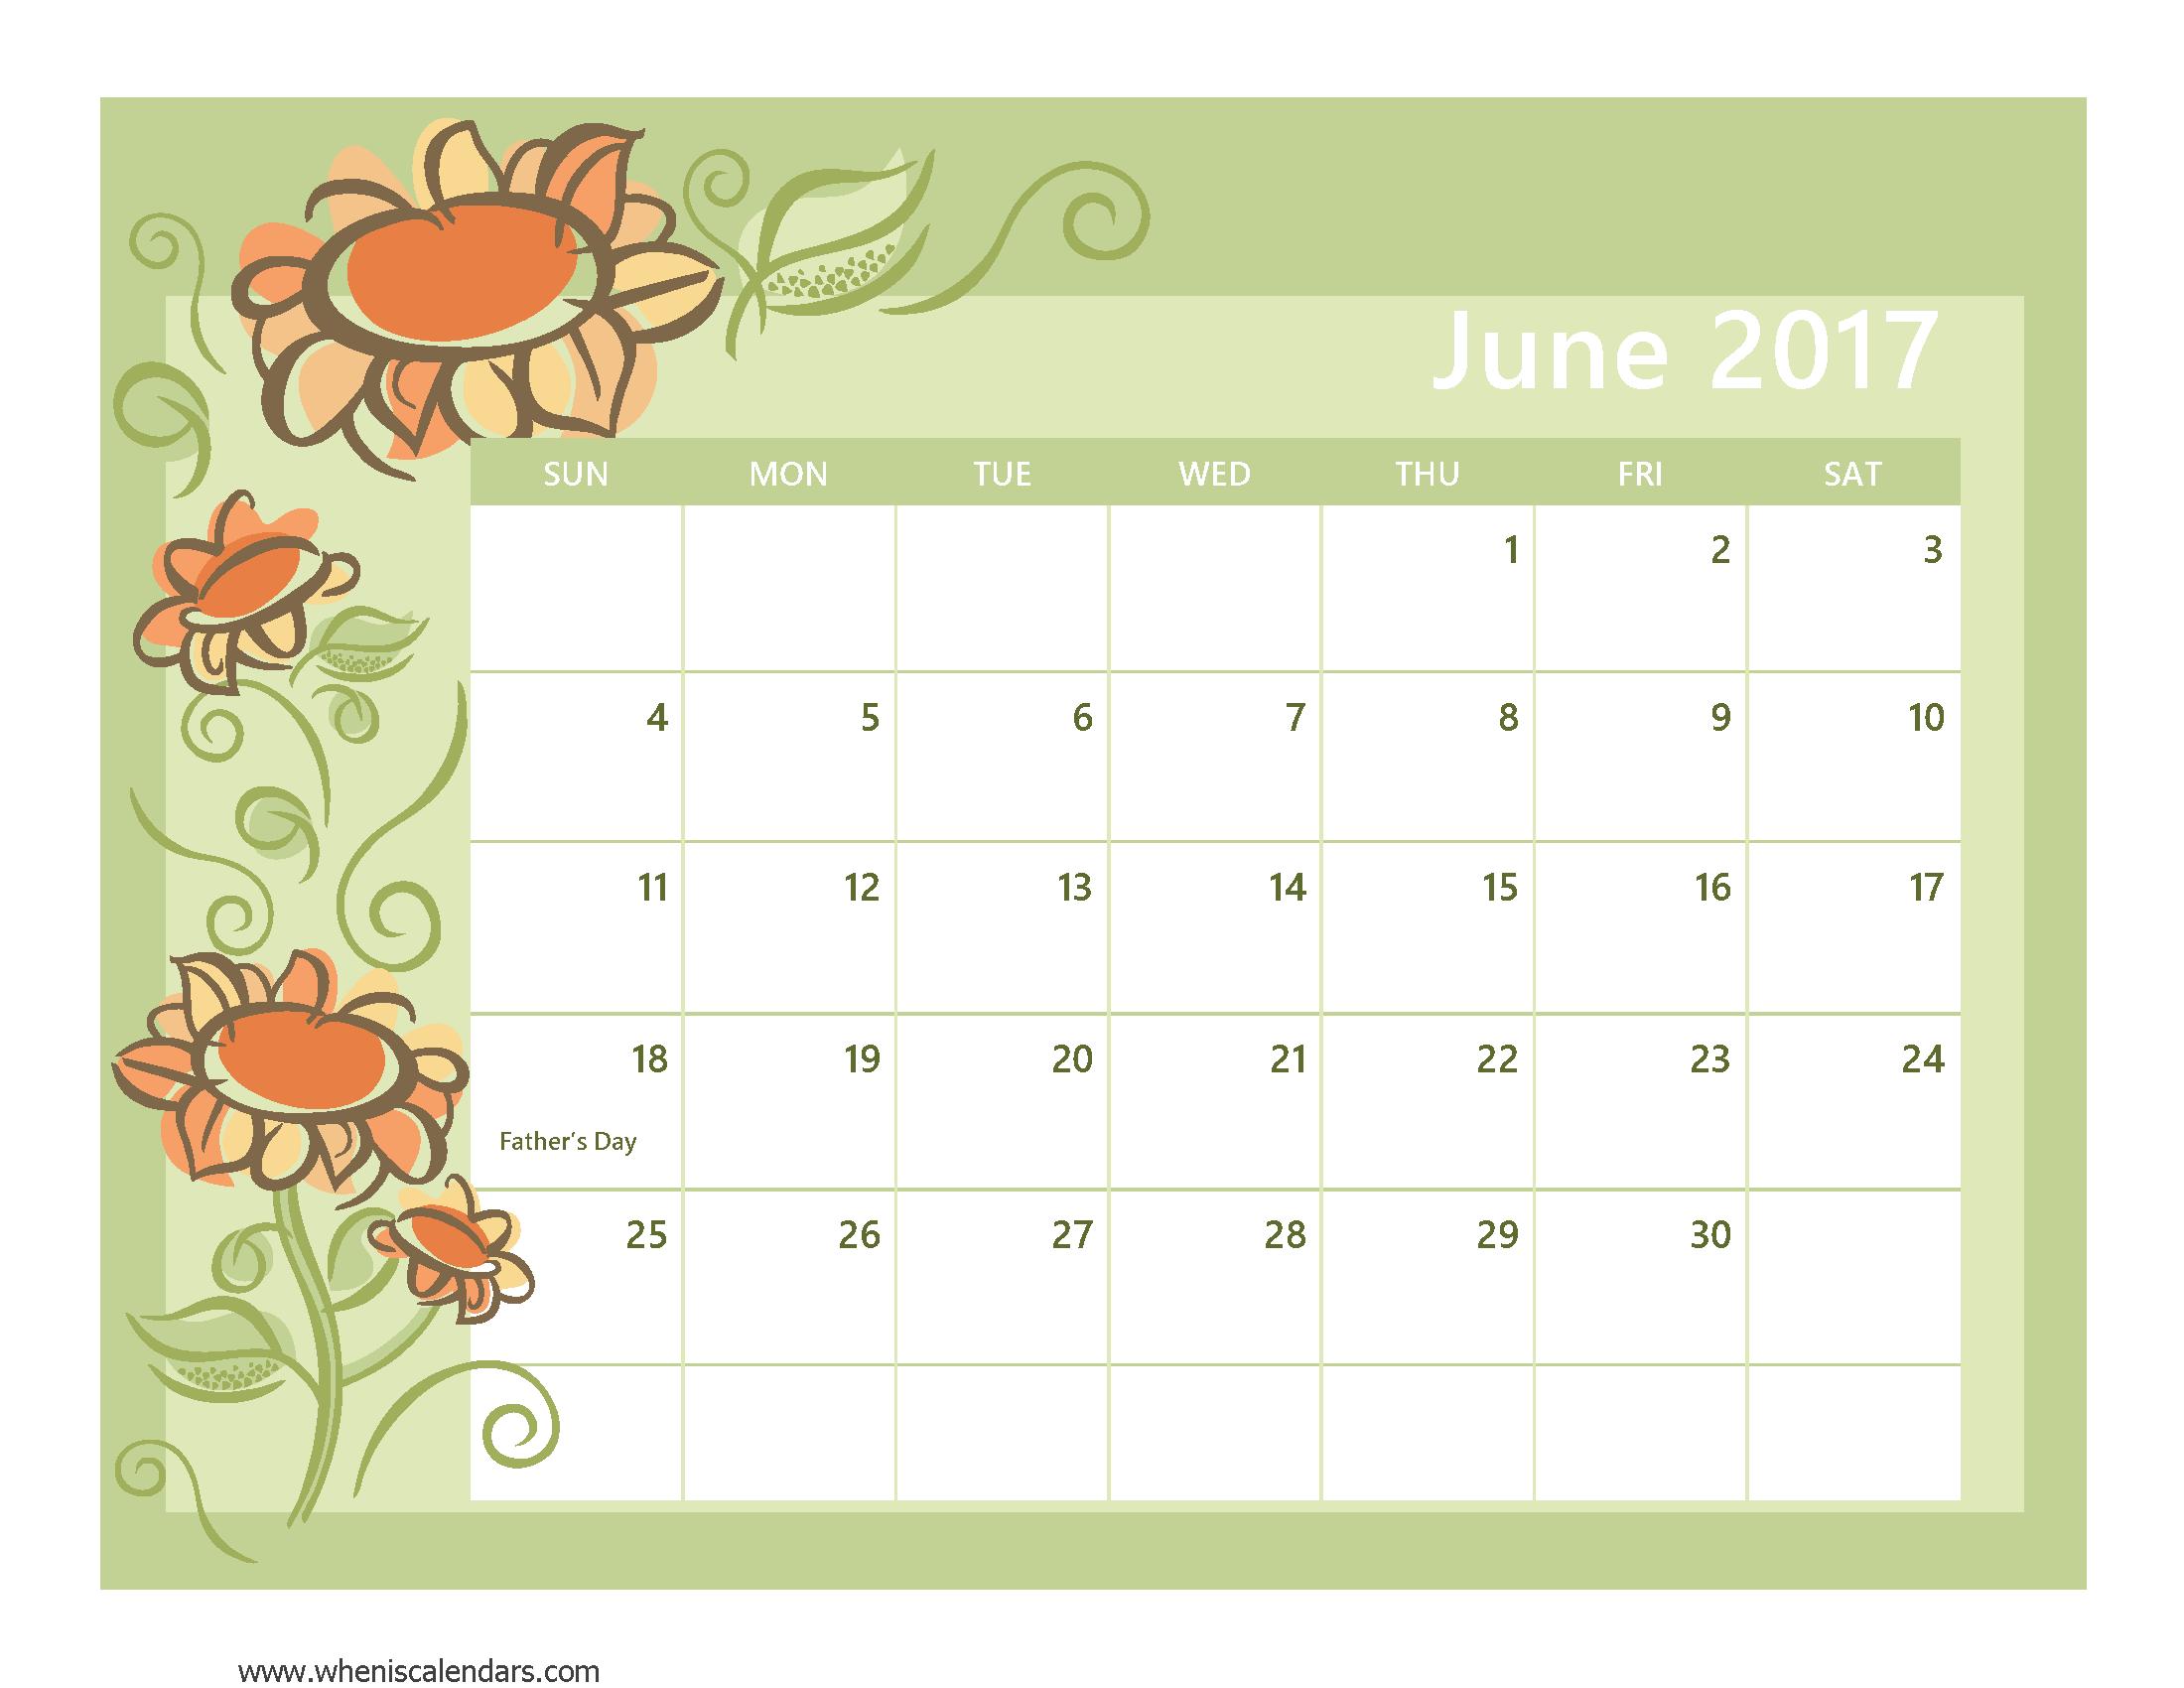 June 2017 Calendar Template | weekly calendar template